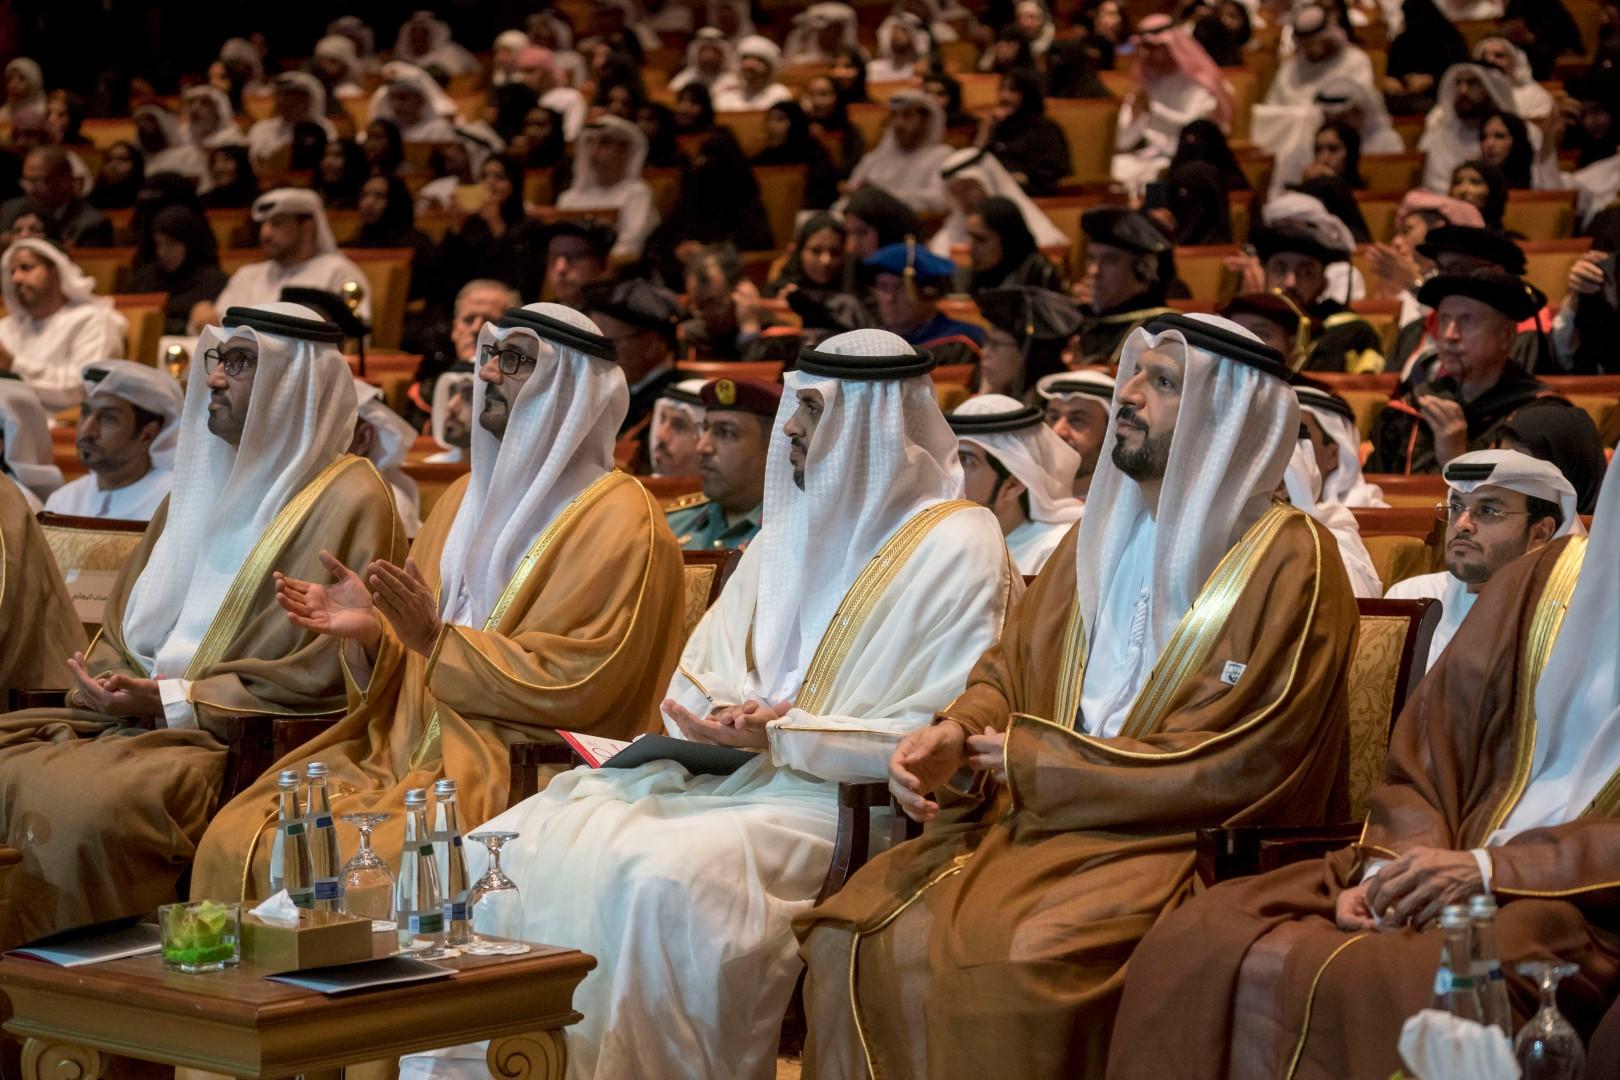 ذياب بن محمد بن زايد يشهد حفل تخريج طلبة جامعة خليفة للعام 2019